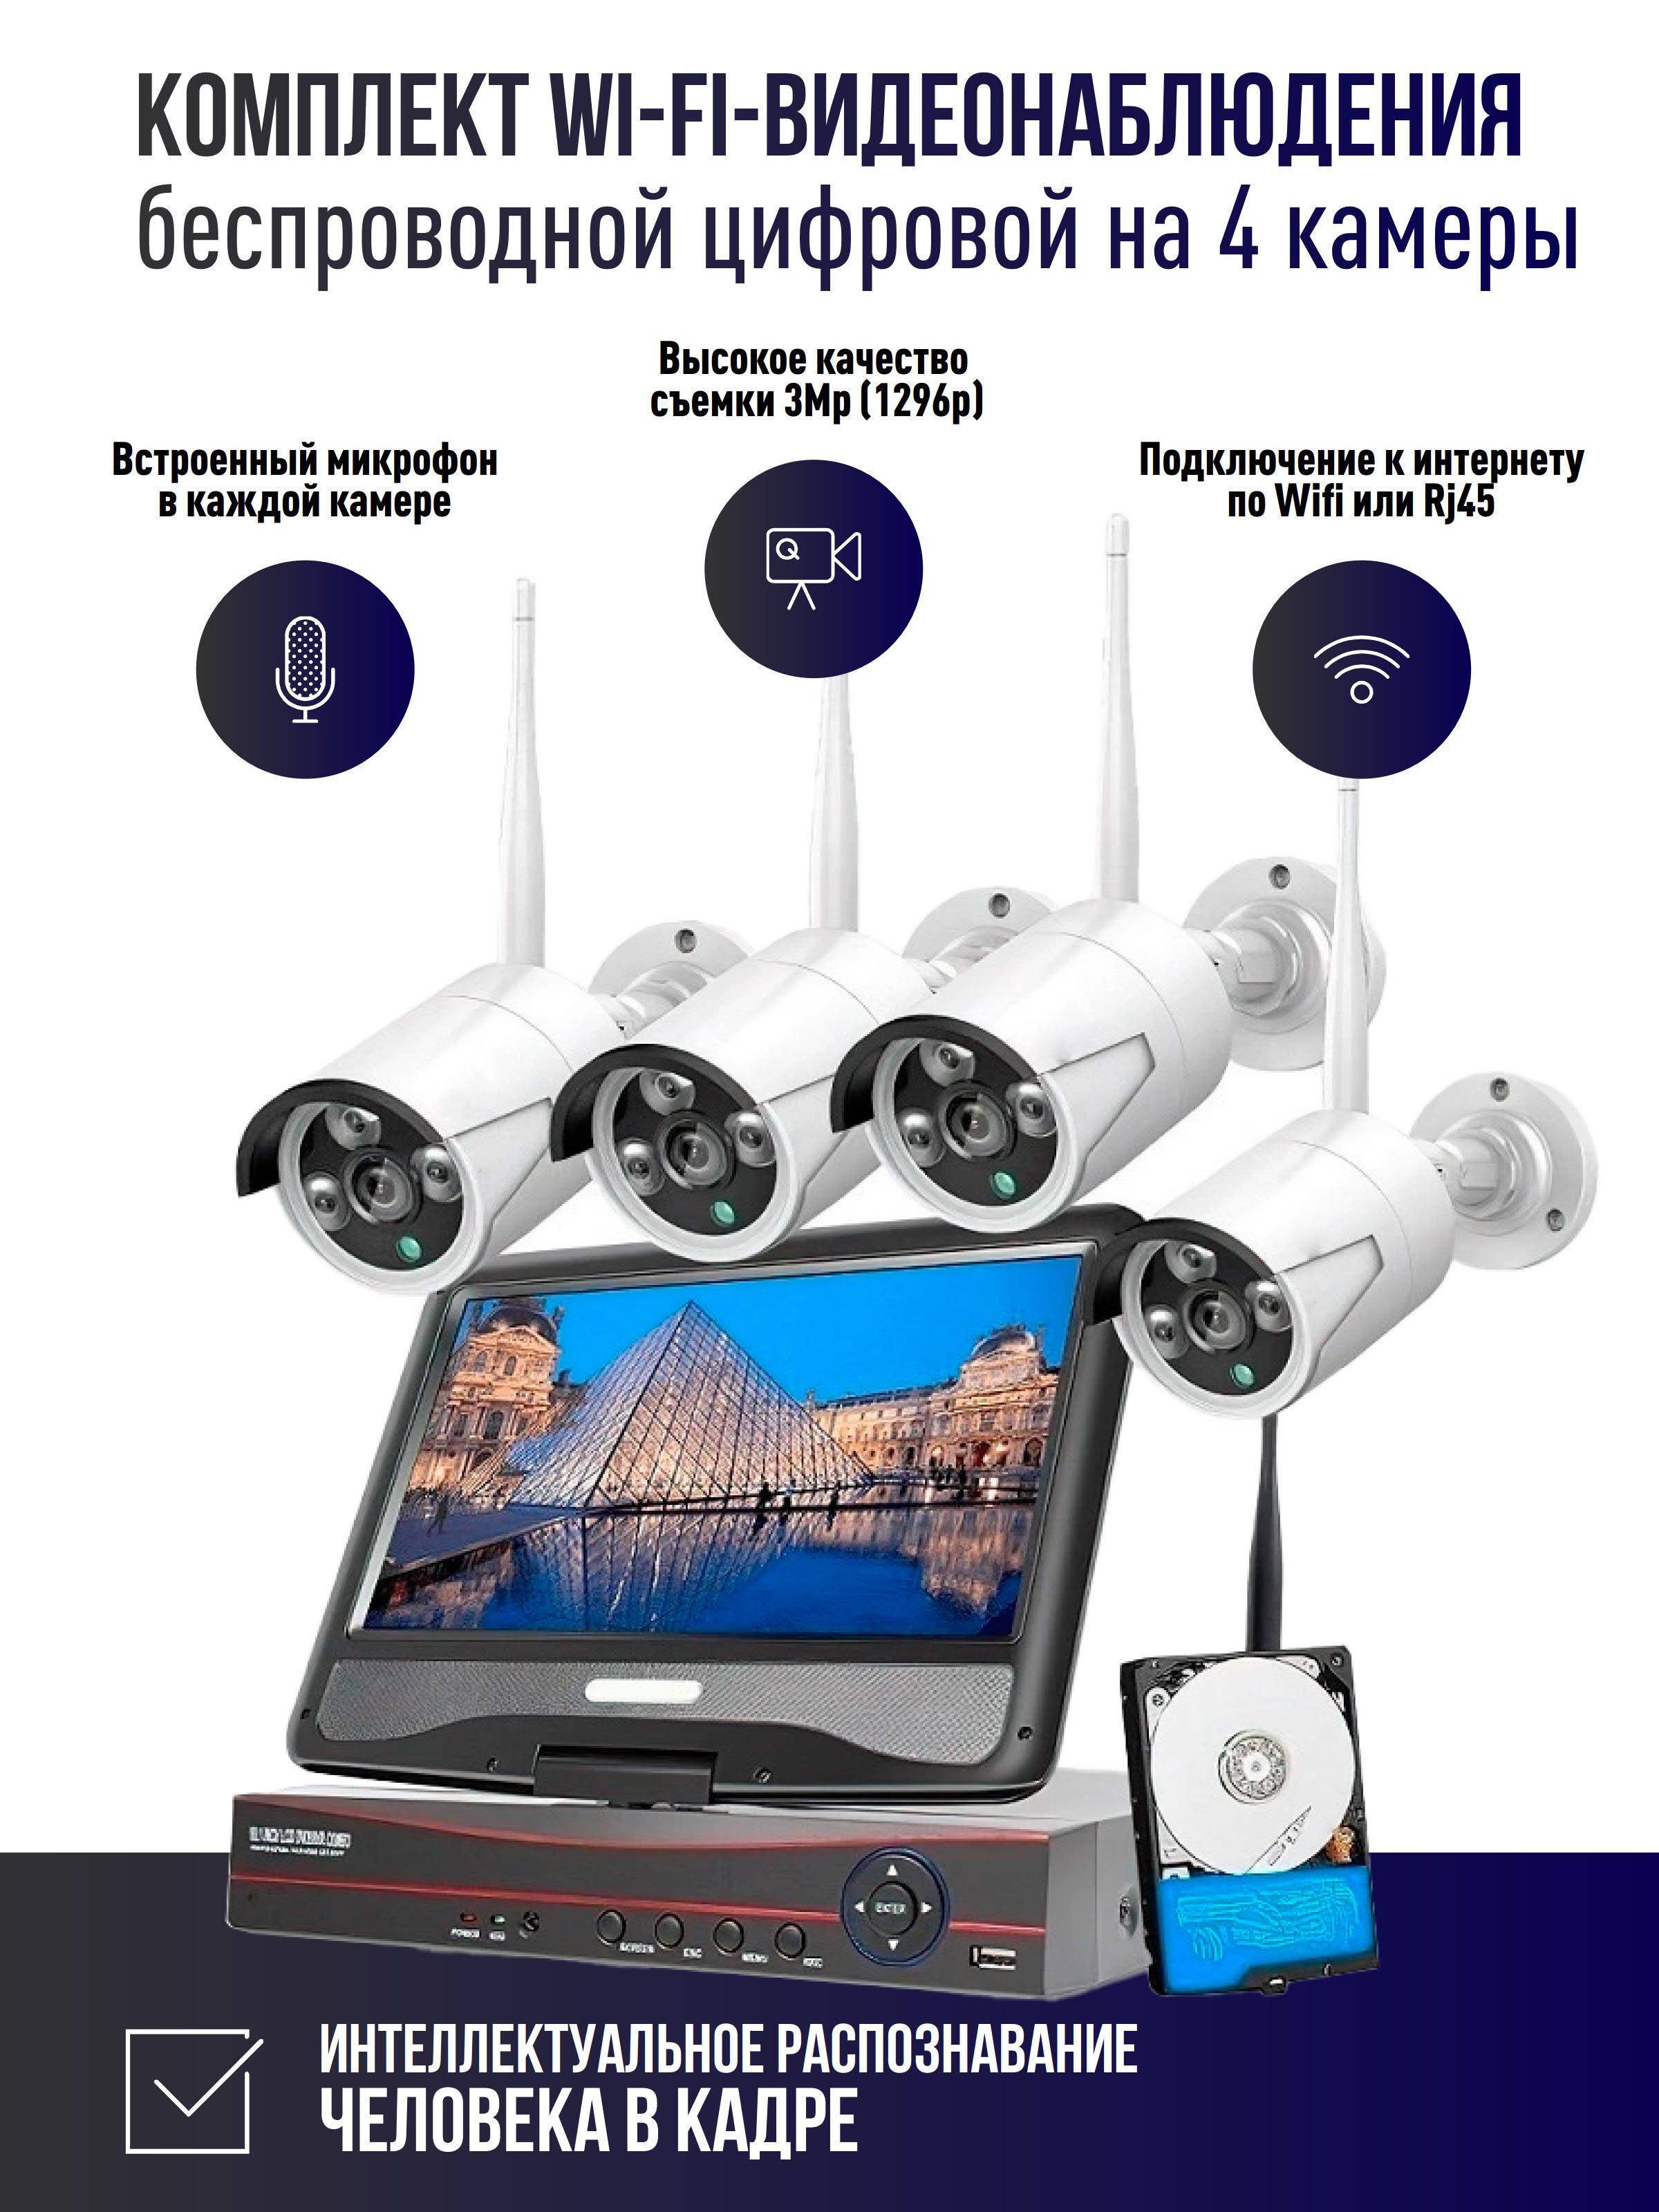 Цифровой wi-fi комплект видеонаблюдения с монитором и звуком на 4 камеры Millenium LCD IP 3Mp